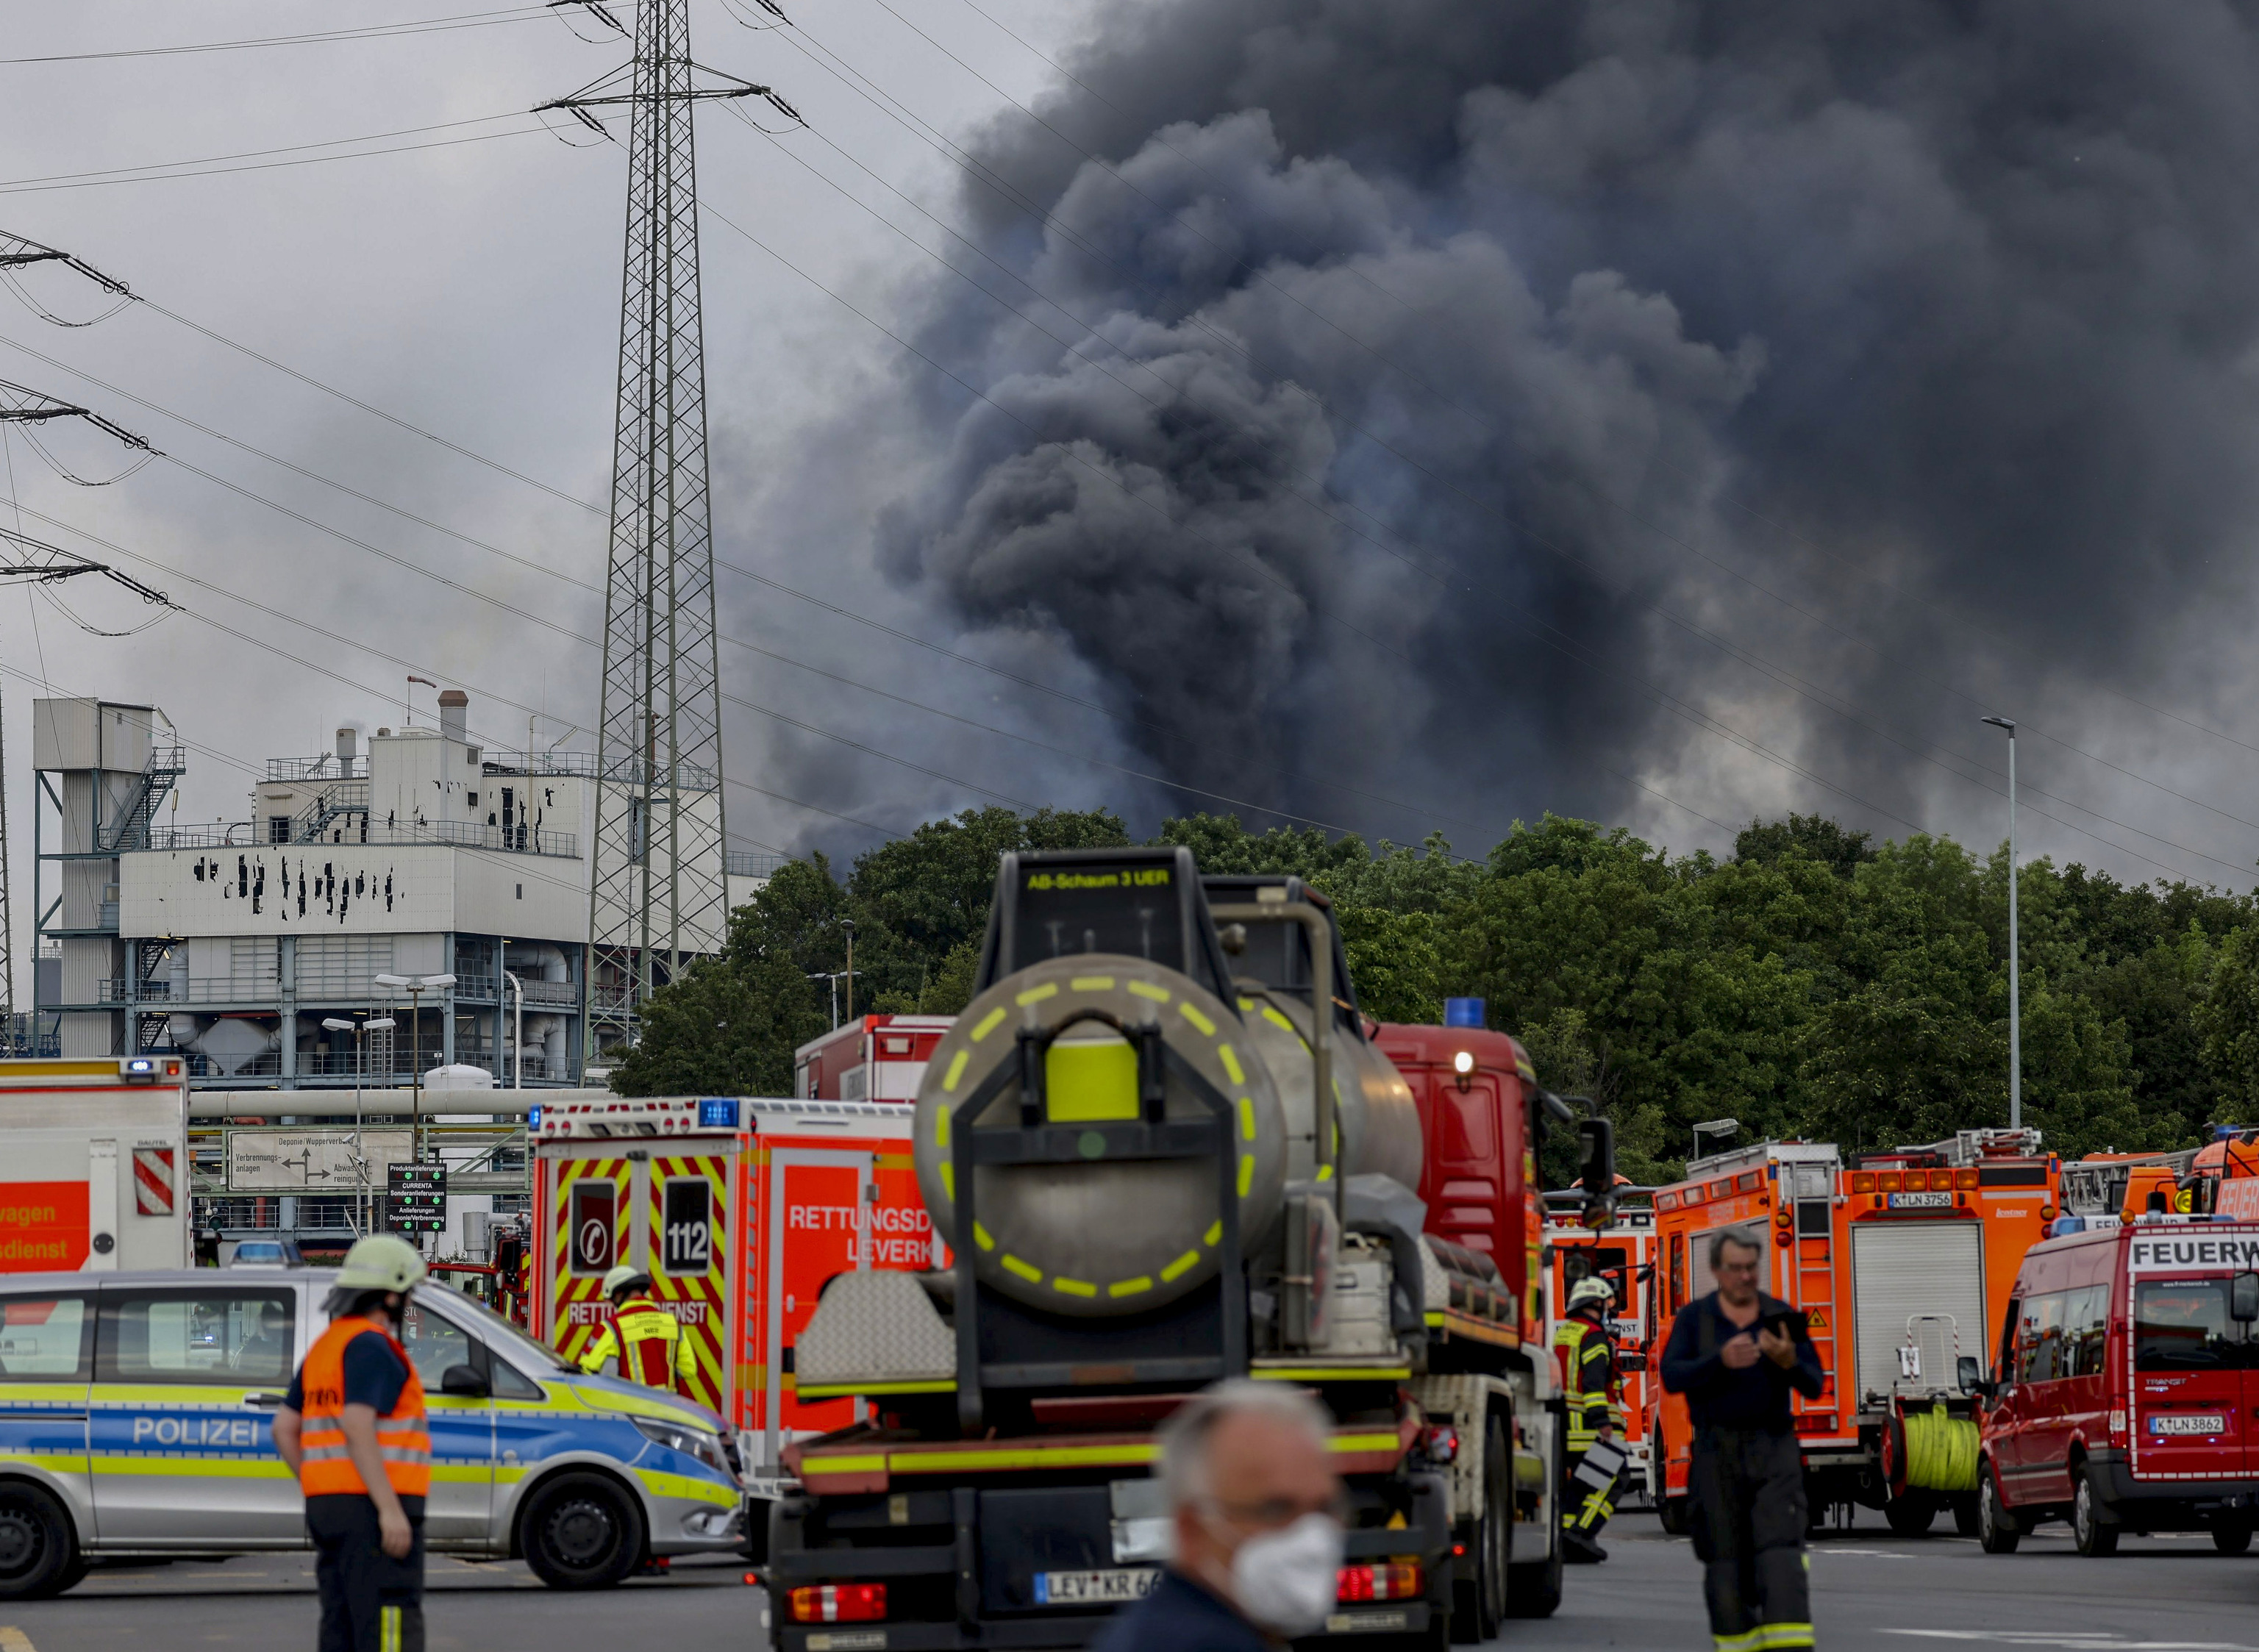 آتش نشانان به سراغ کارخانه می روند